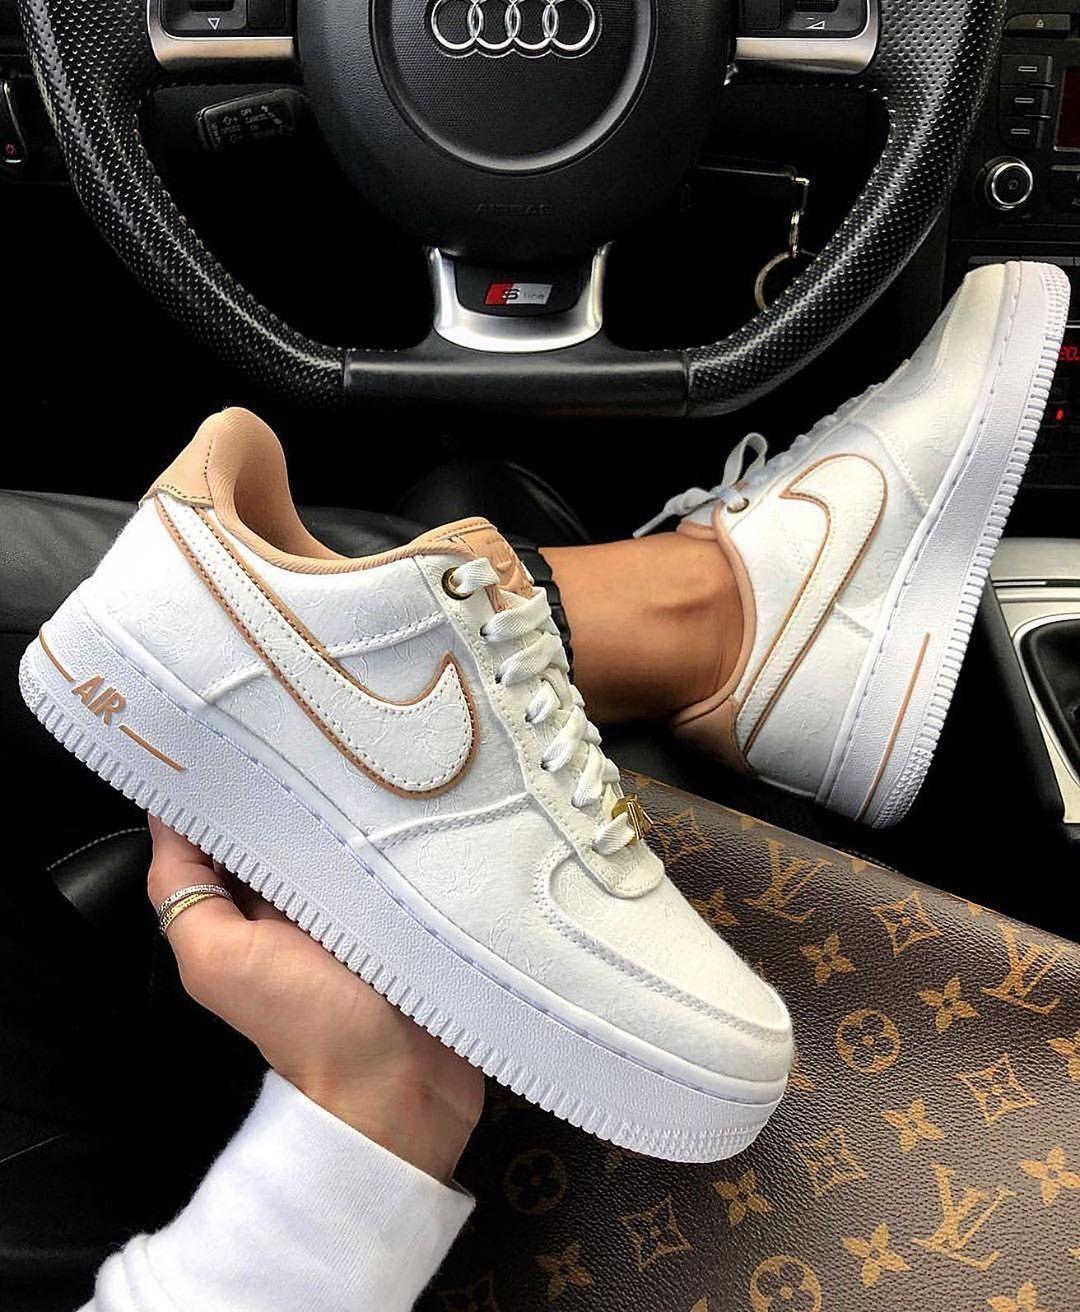 Nike Air Force 1 - LOUIS VUITTON